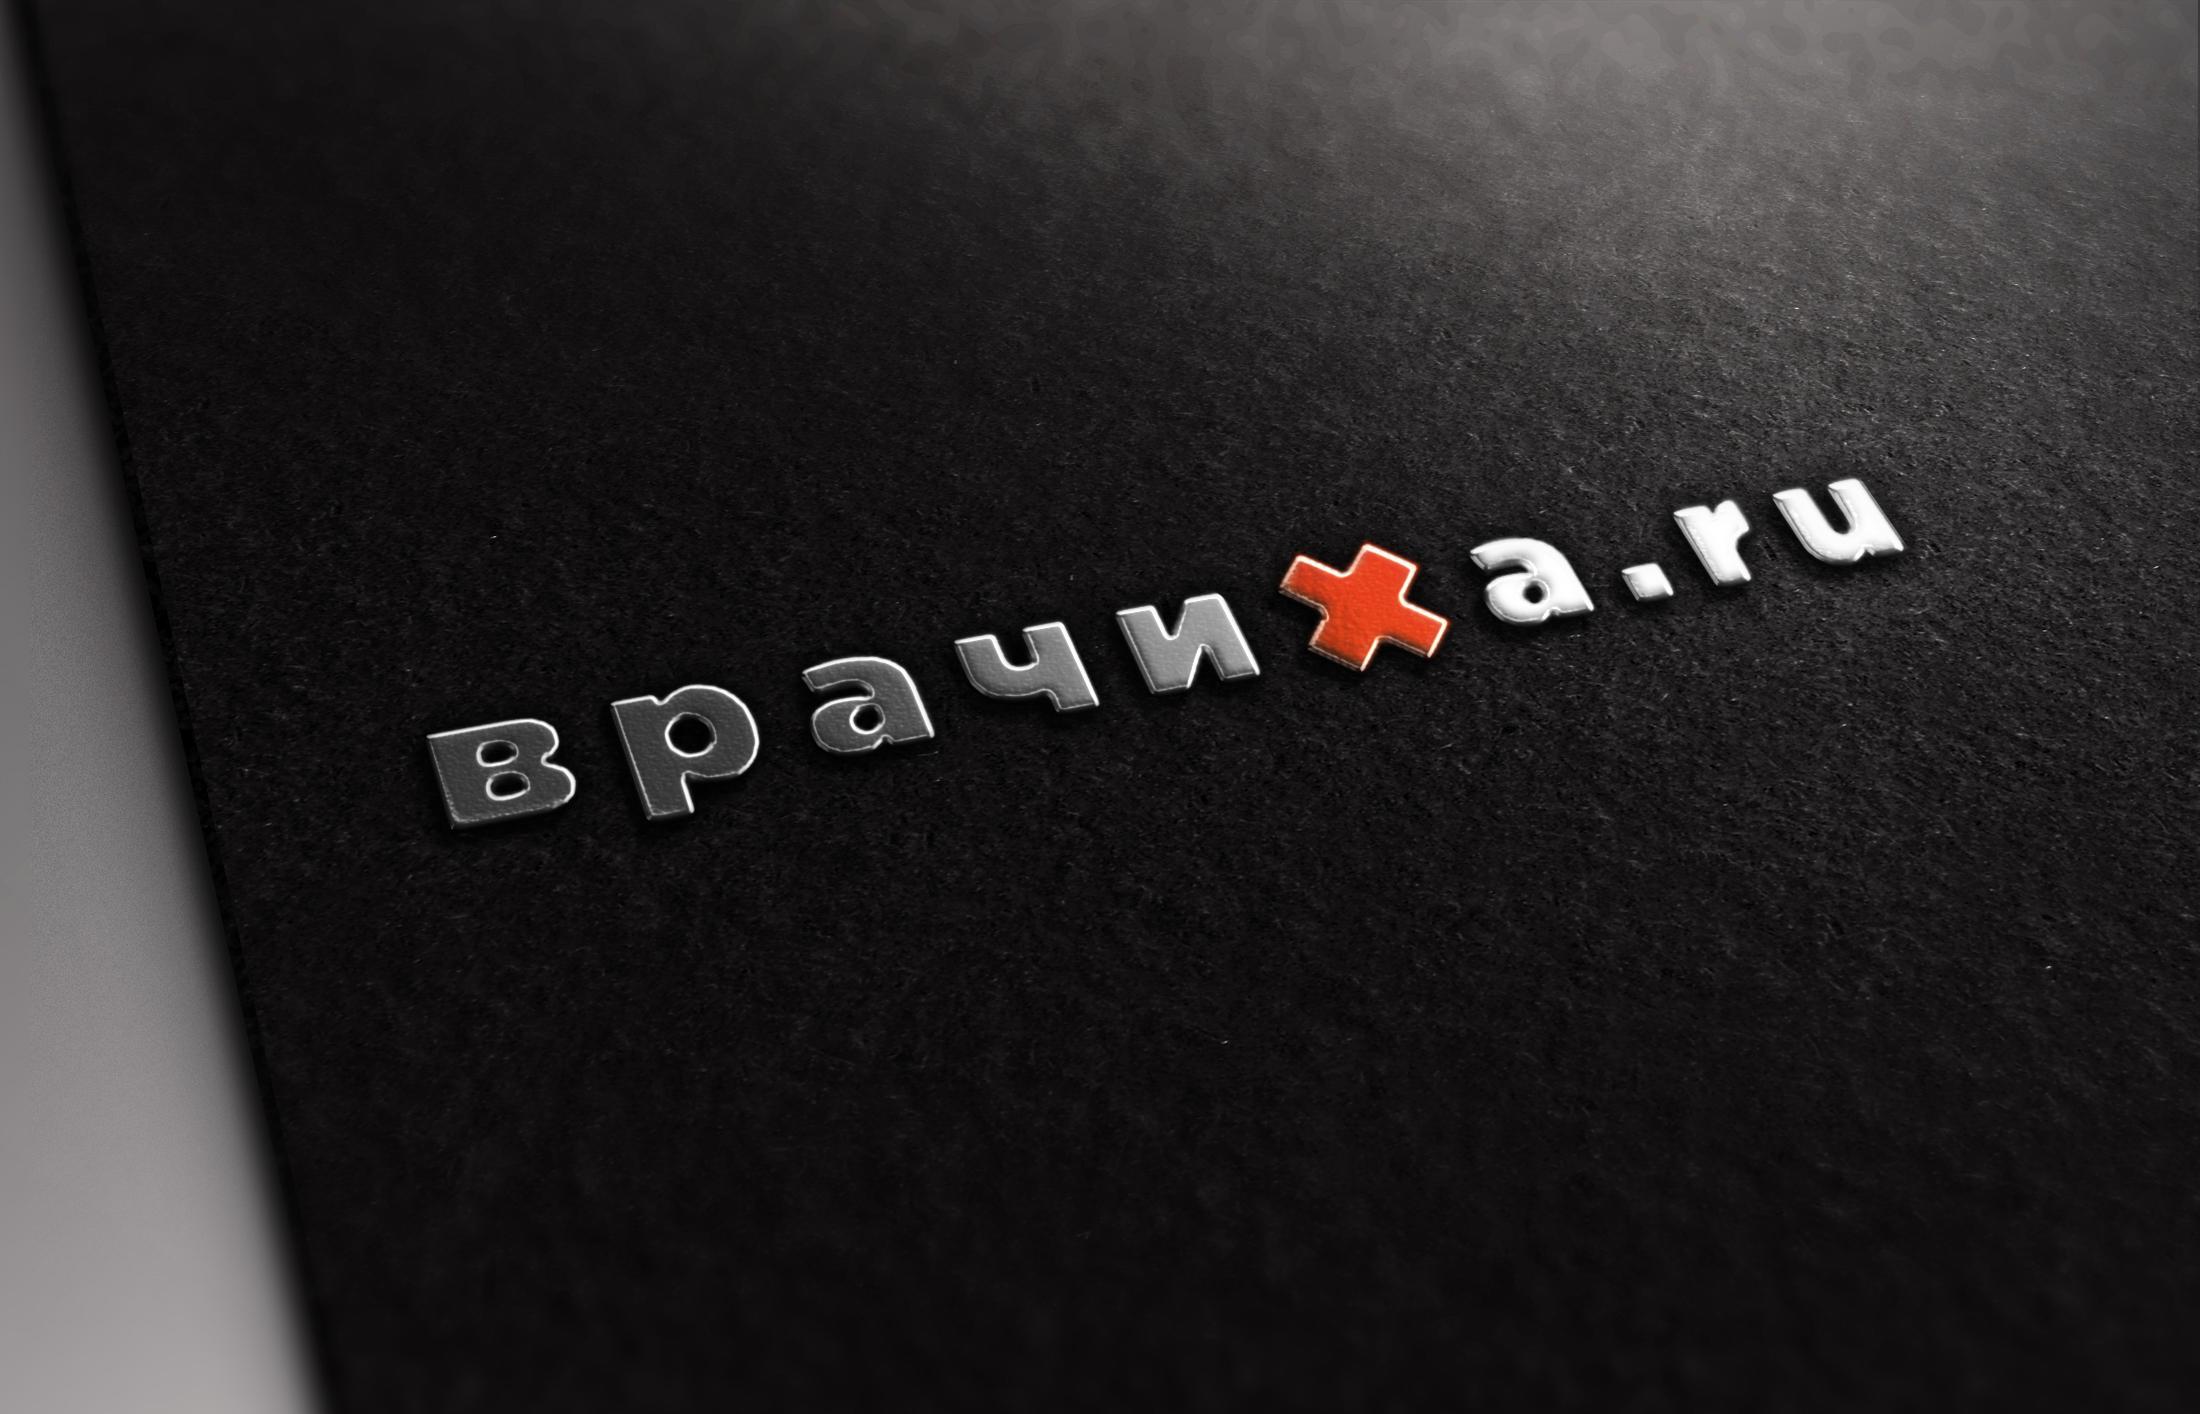 Необходимо разработать логотип для медицинского портала фото f_9155bfe266ca8f34.jpg